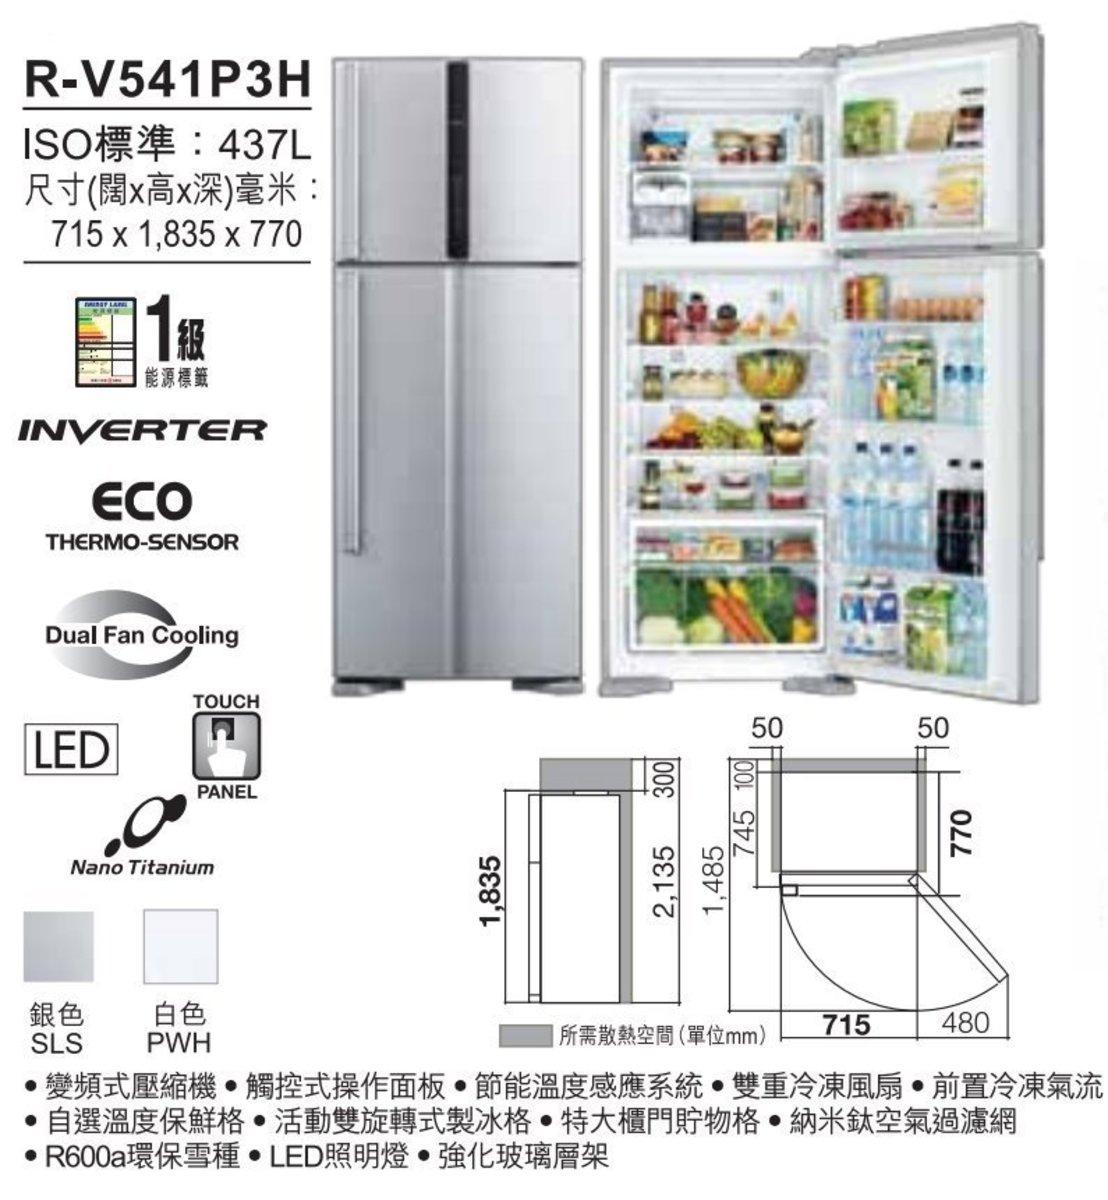 R-V541P3HPWH 437公升變頻環保雙門雪櫃 (白色)